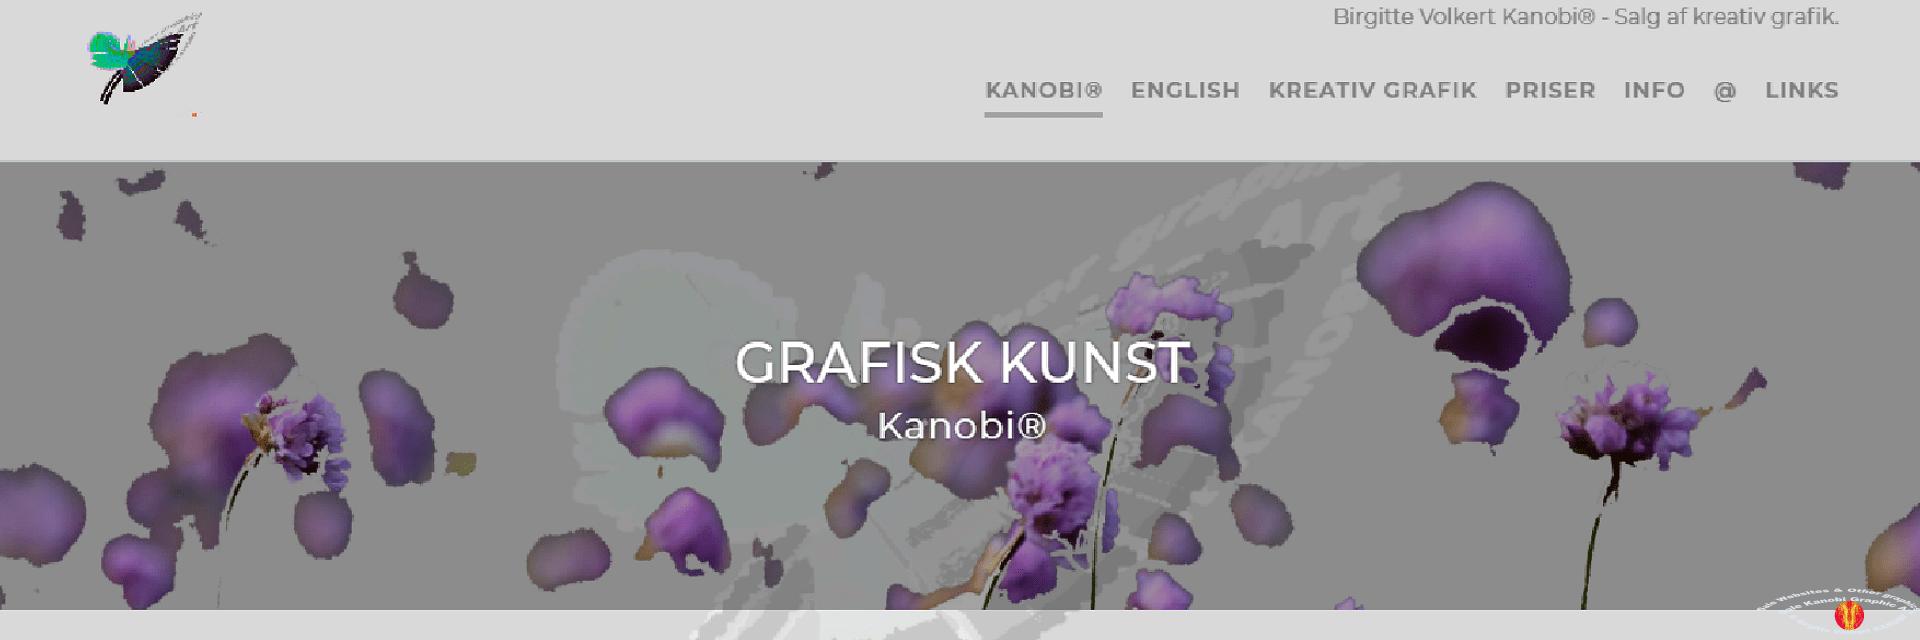 Link Birgitte Volkert Kanobi® frontpage screenprint.